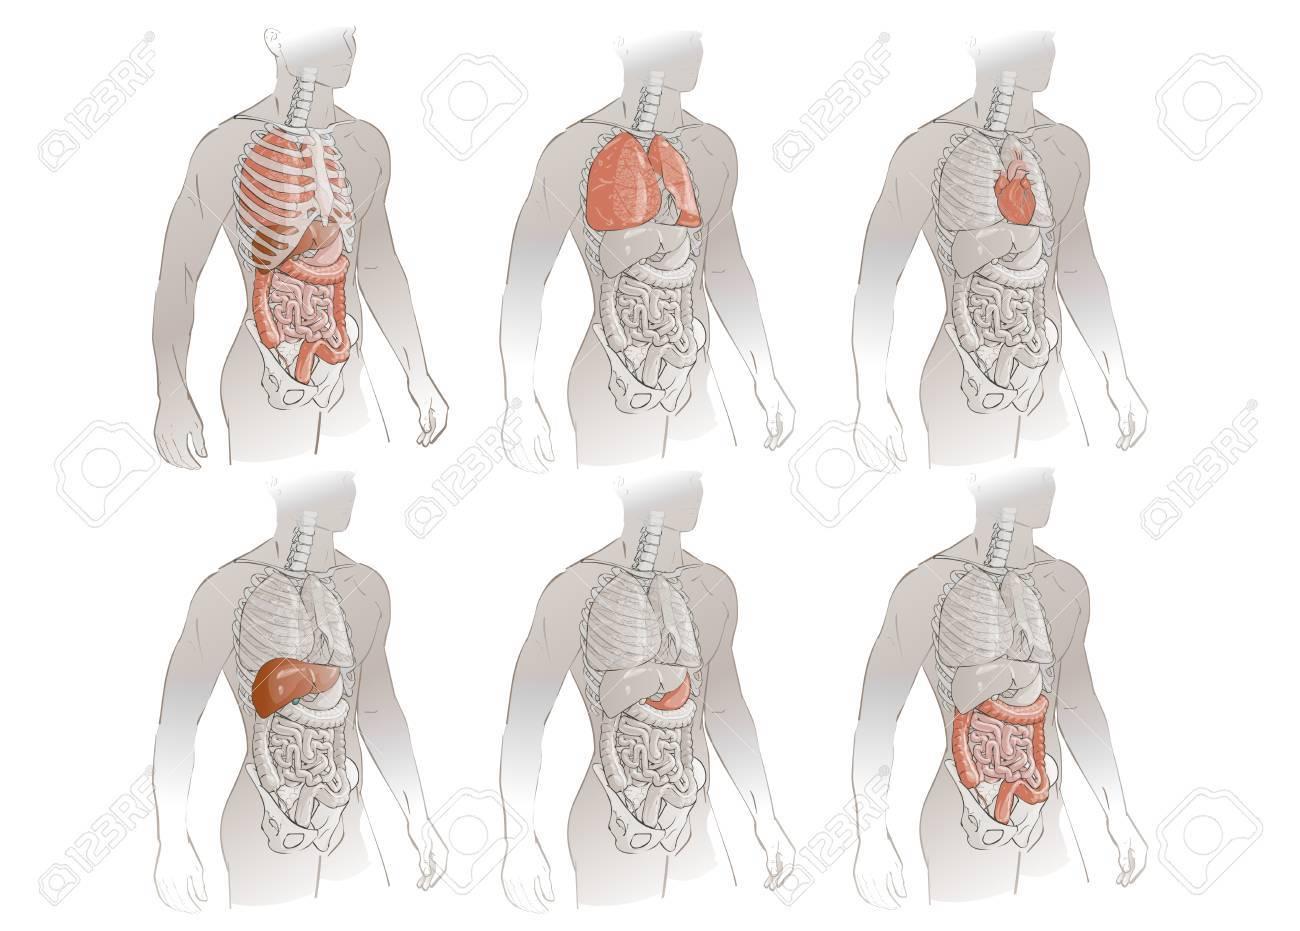 Abbildung Menschlichen Körper Anatomie Medizinisch Inneren Organe ...